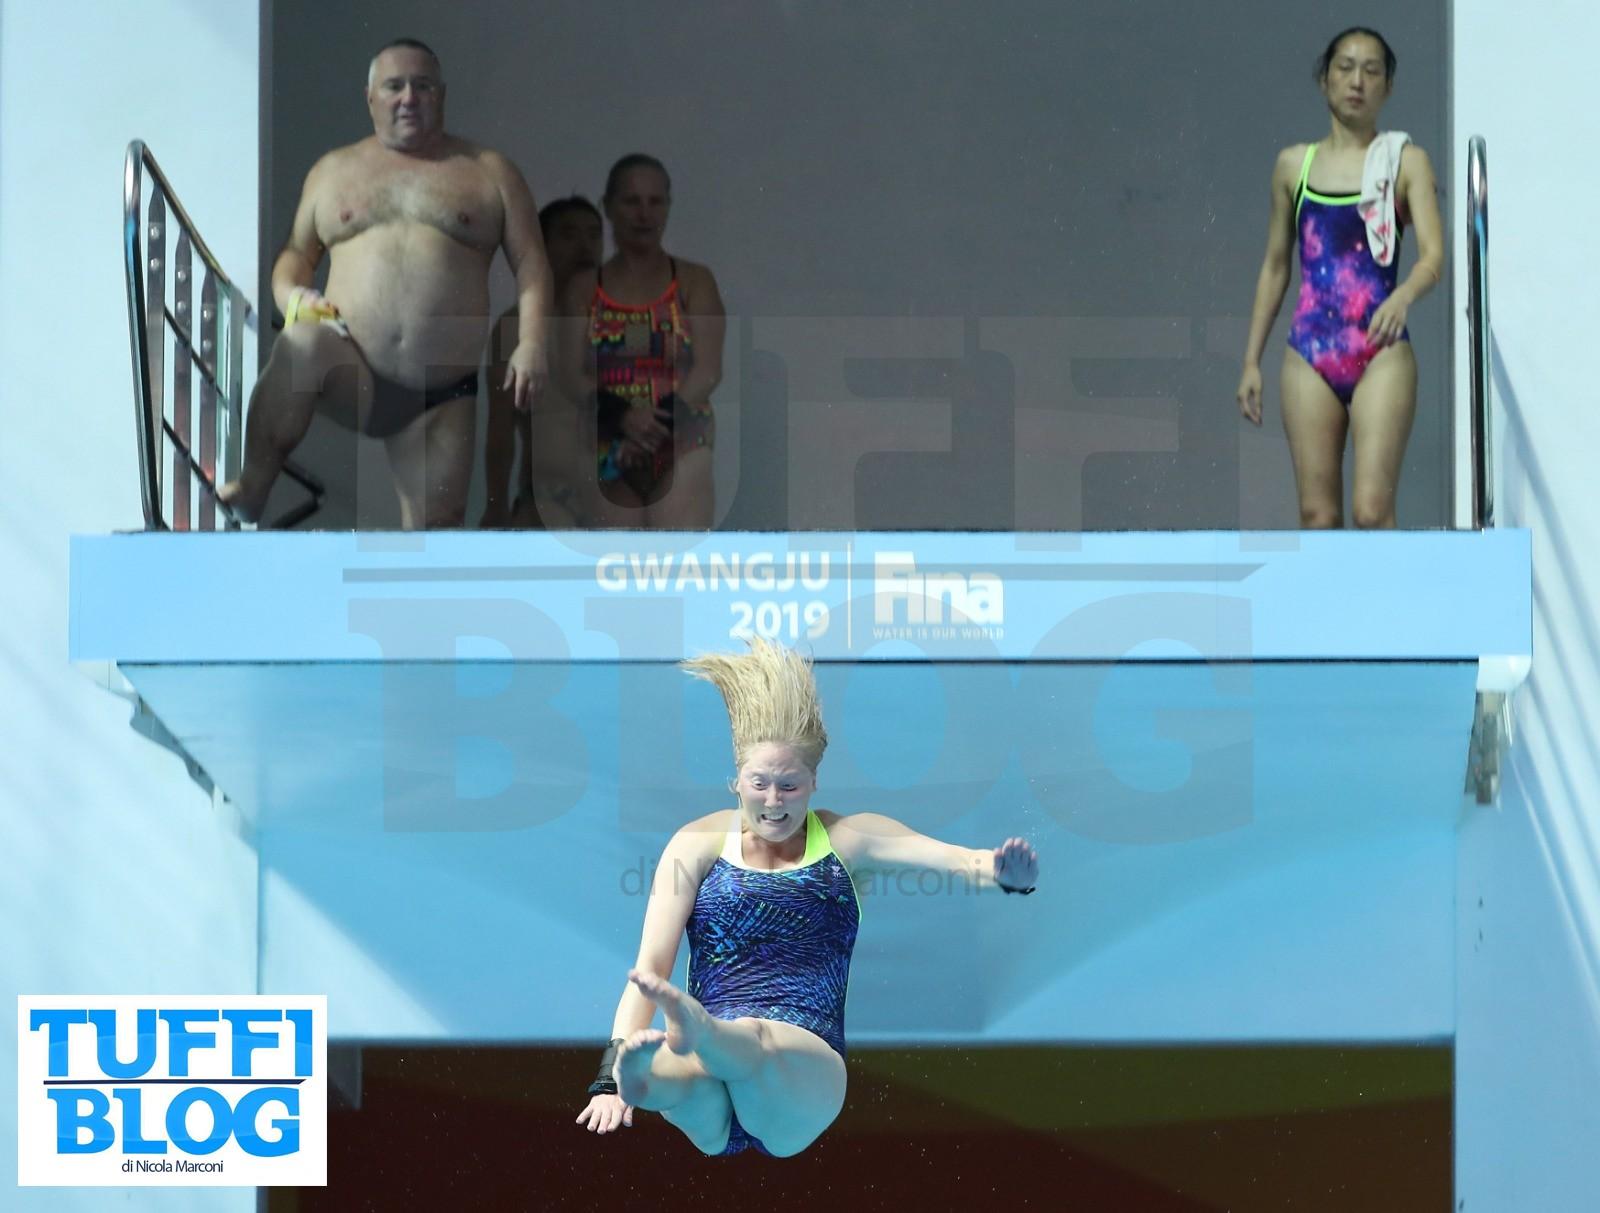 Campionati Mondiali Master: Gwangju - si torna in Corea! Gli italiani in gara, gli orari, e lo streaming delle gare!